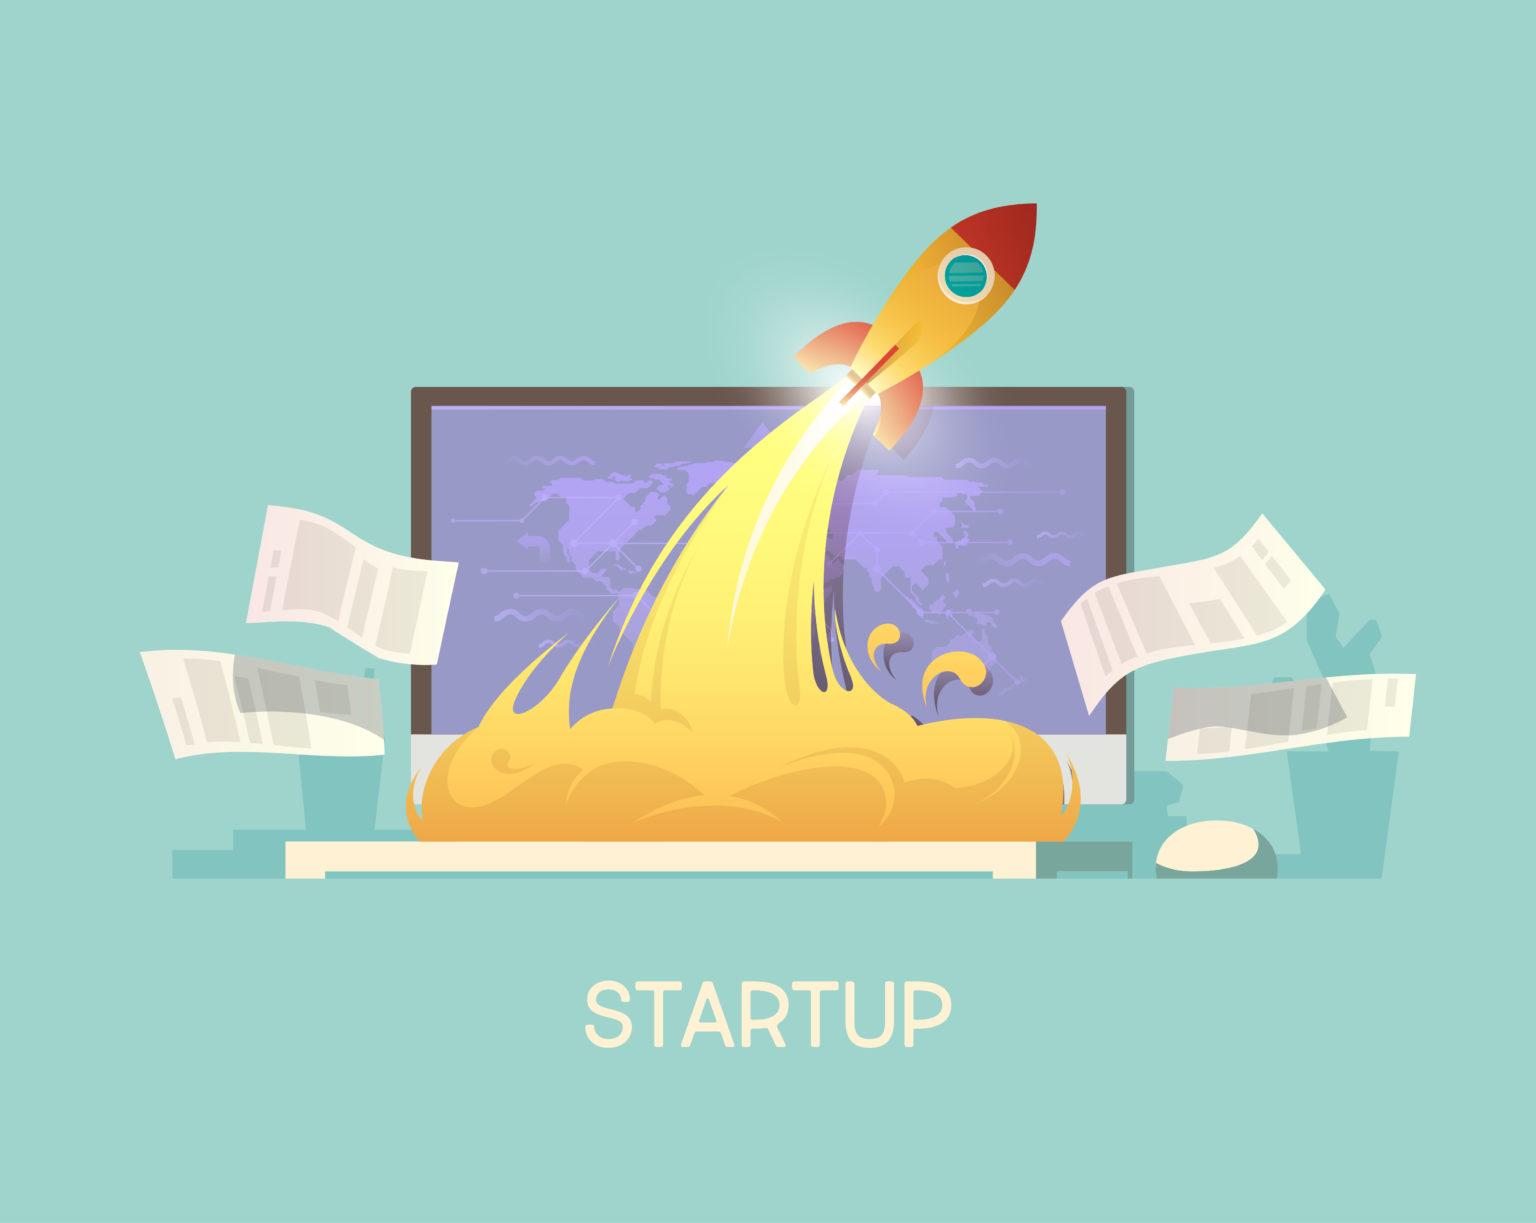 startup-rocket-pc